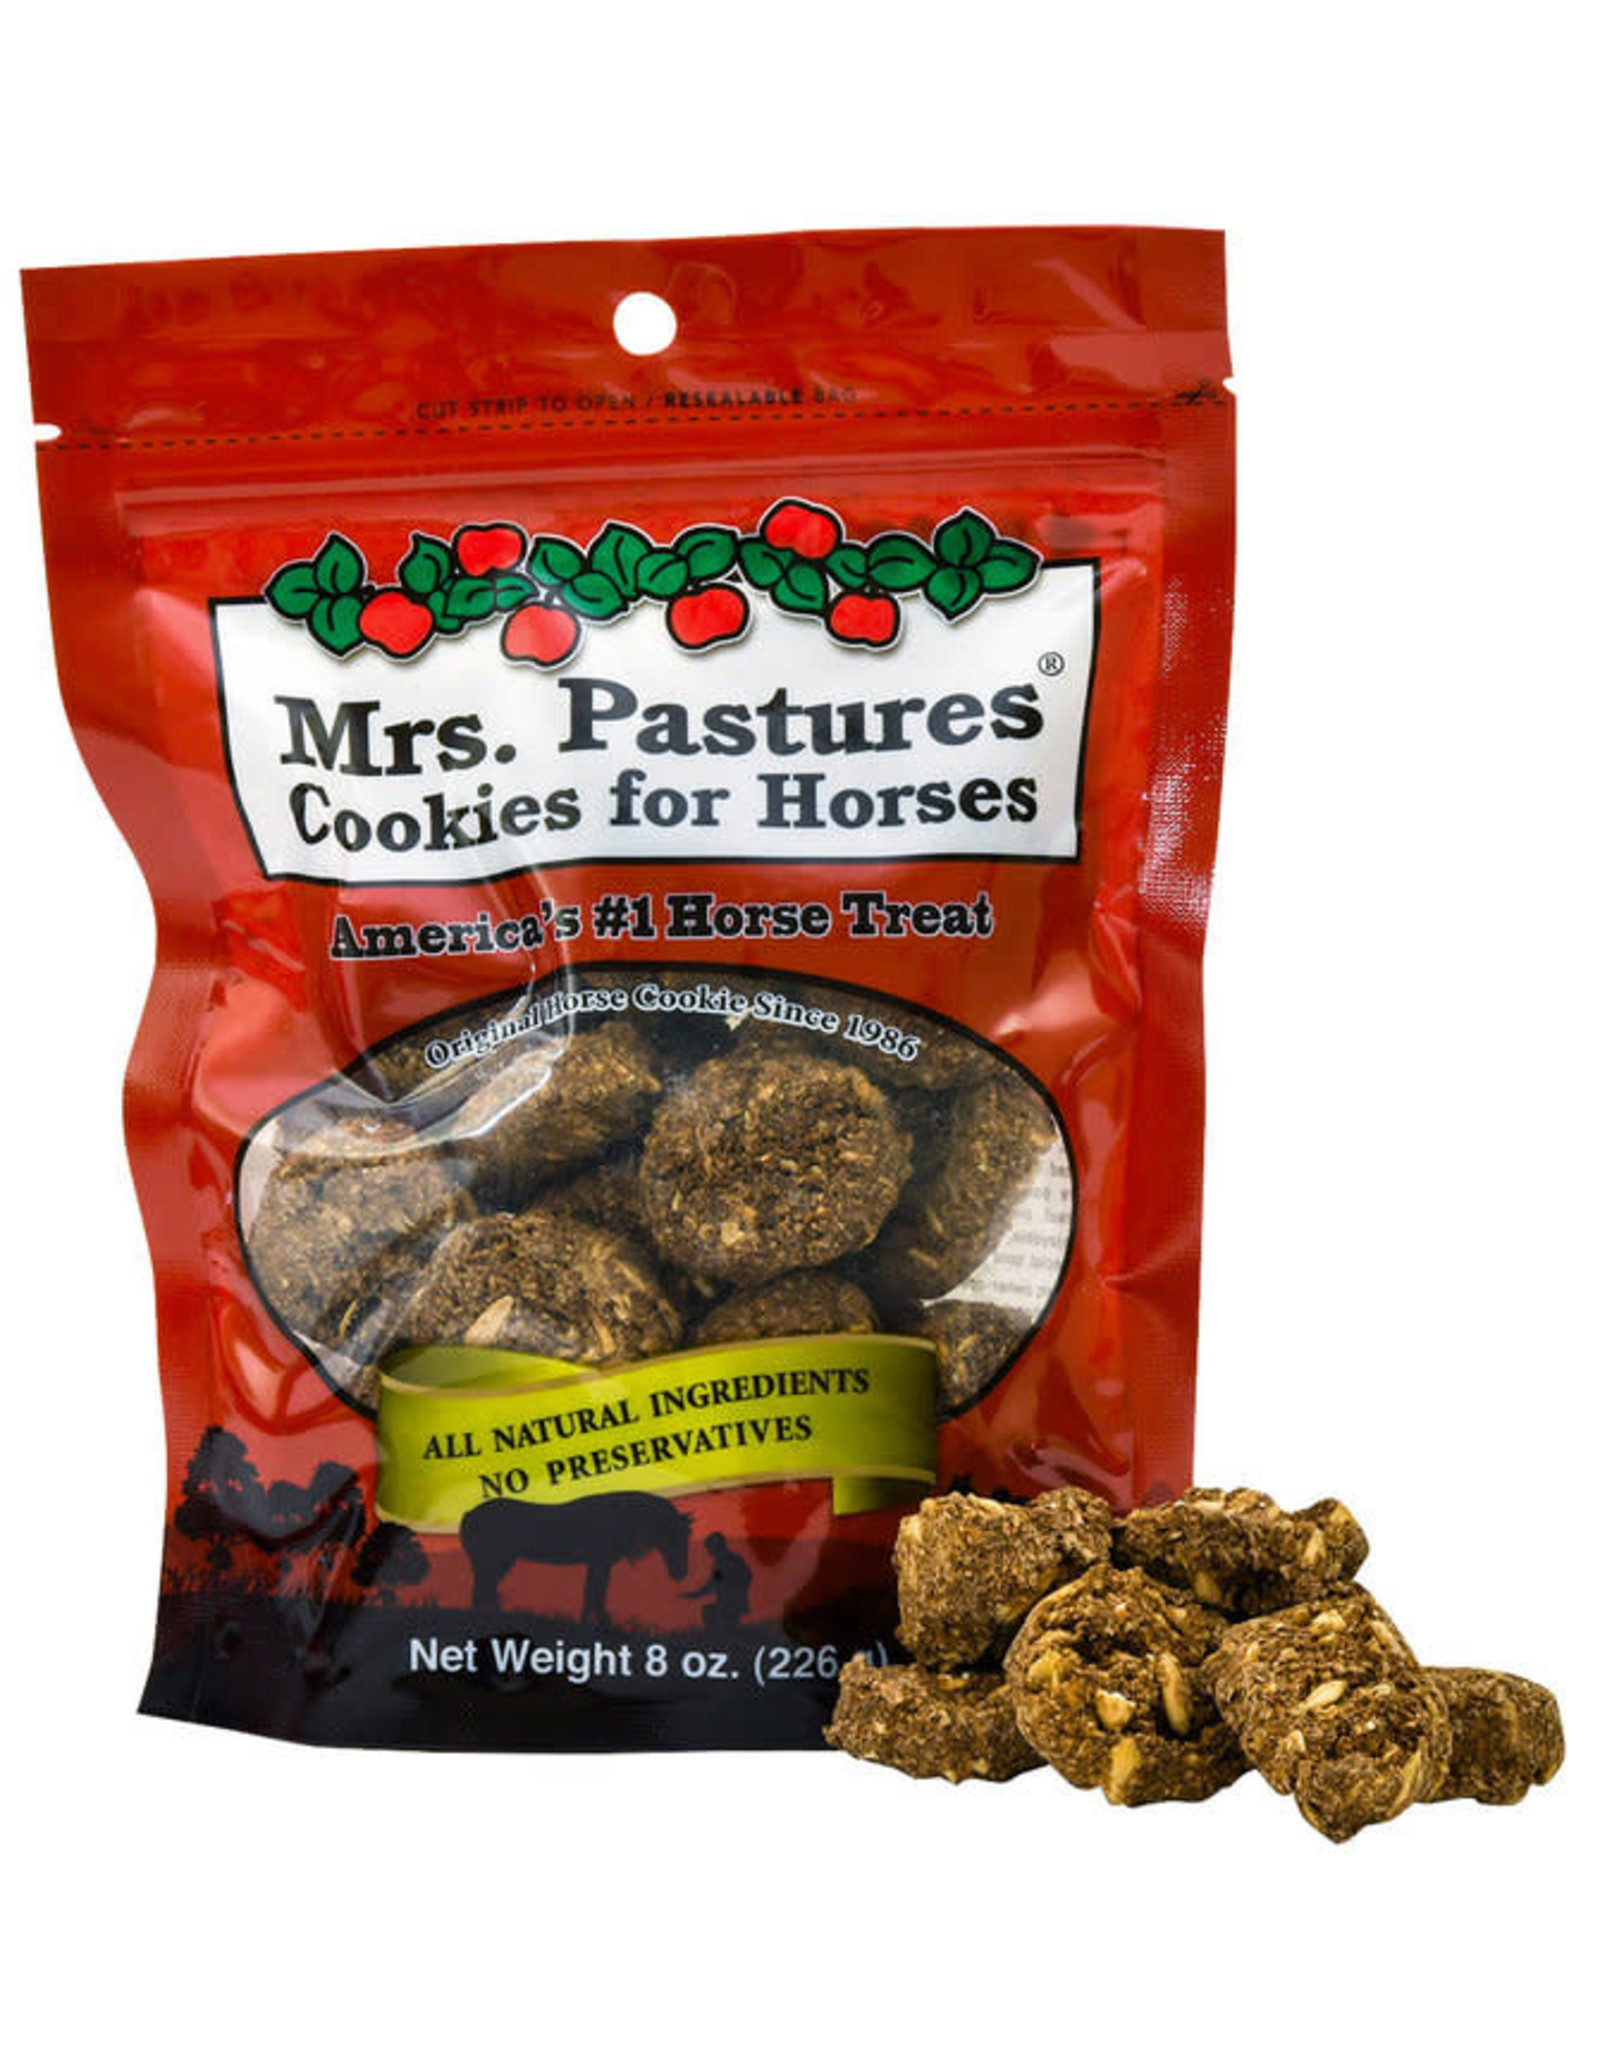 Mrs. Pastures Cookies